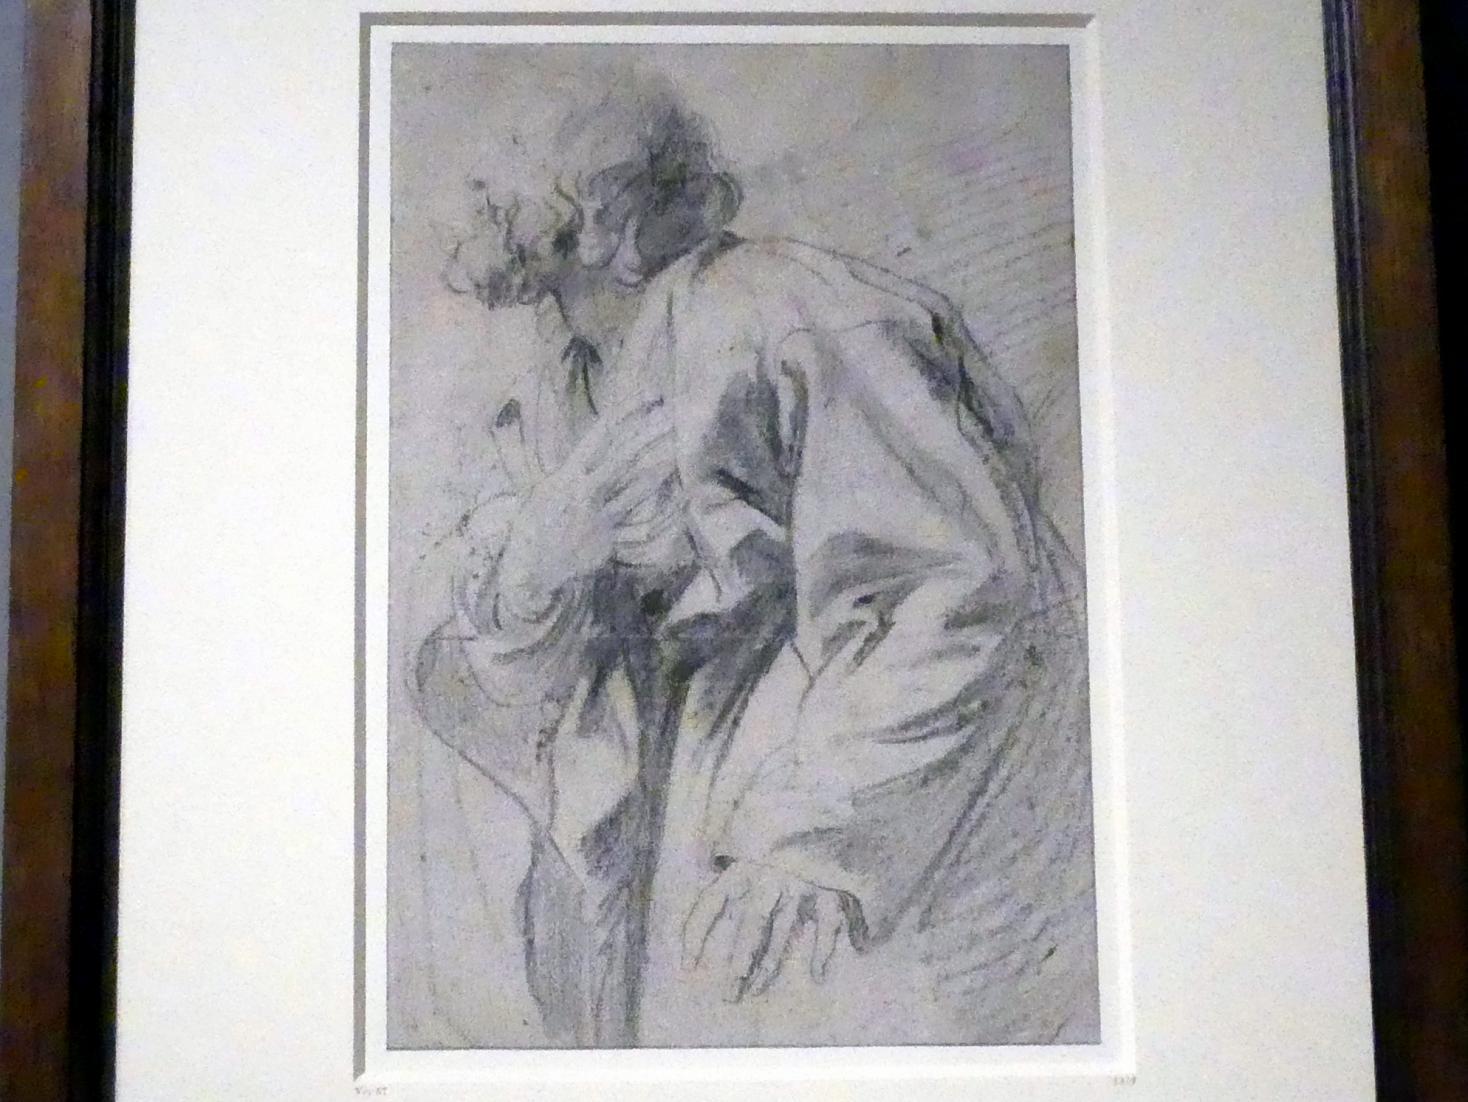 Anthonis (Anton) van Dyck: Studie eines Mannes, mit der Hand auf seine Brust weisend, um 1618 - 1620